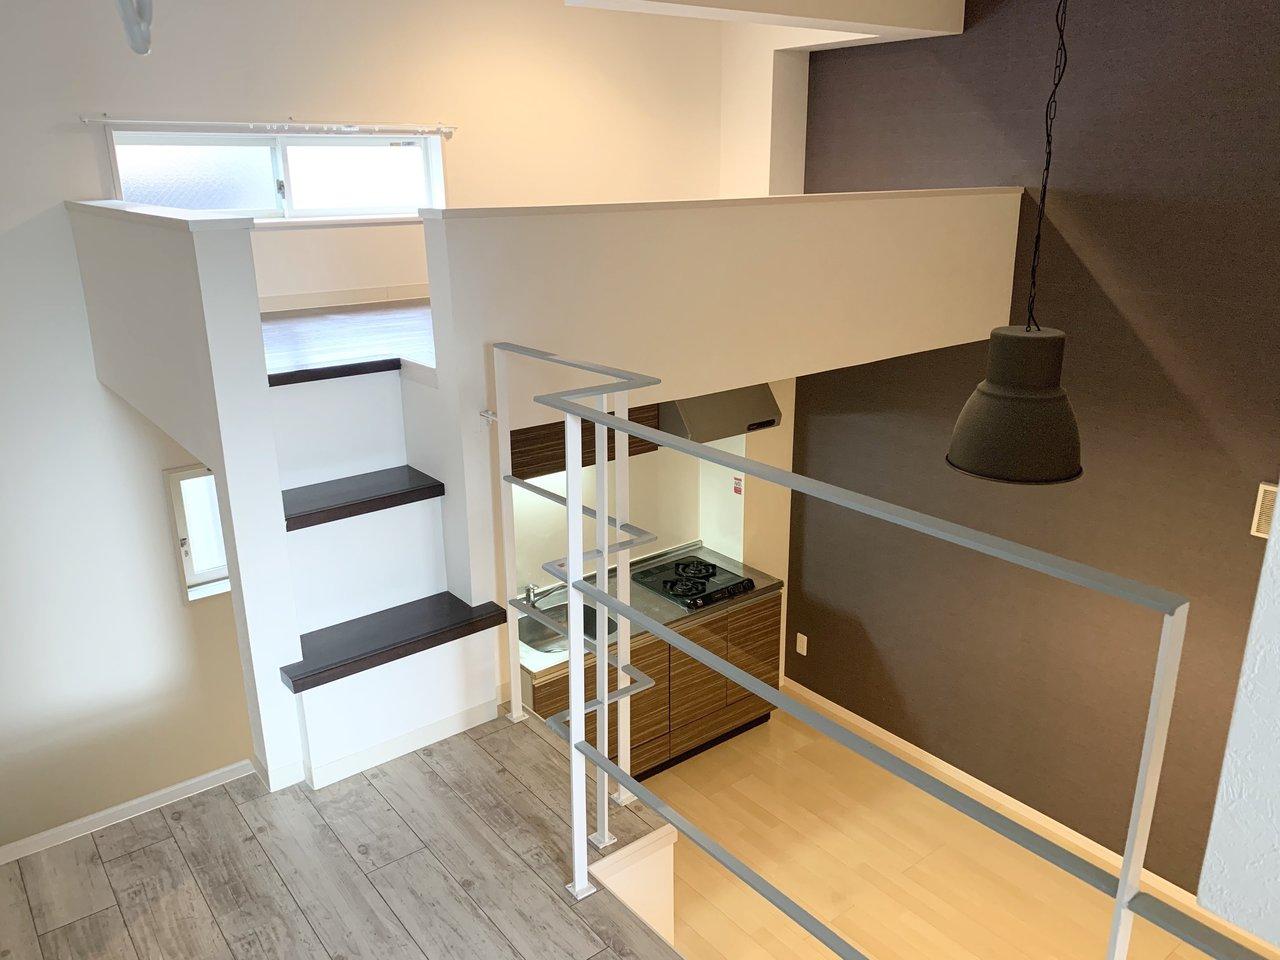 一つの部屋に、3層あるスキップフロア、と呼ばれるタイプのこちらのお部屋。1層目は、リビング&キッチン。2層目はベランダ、3層目にロフト、という造りになっています。ロフト部分はリビングからはほとんど死角になって見えないので、寝室として活用しましょう。